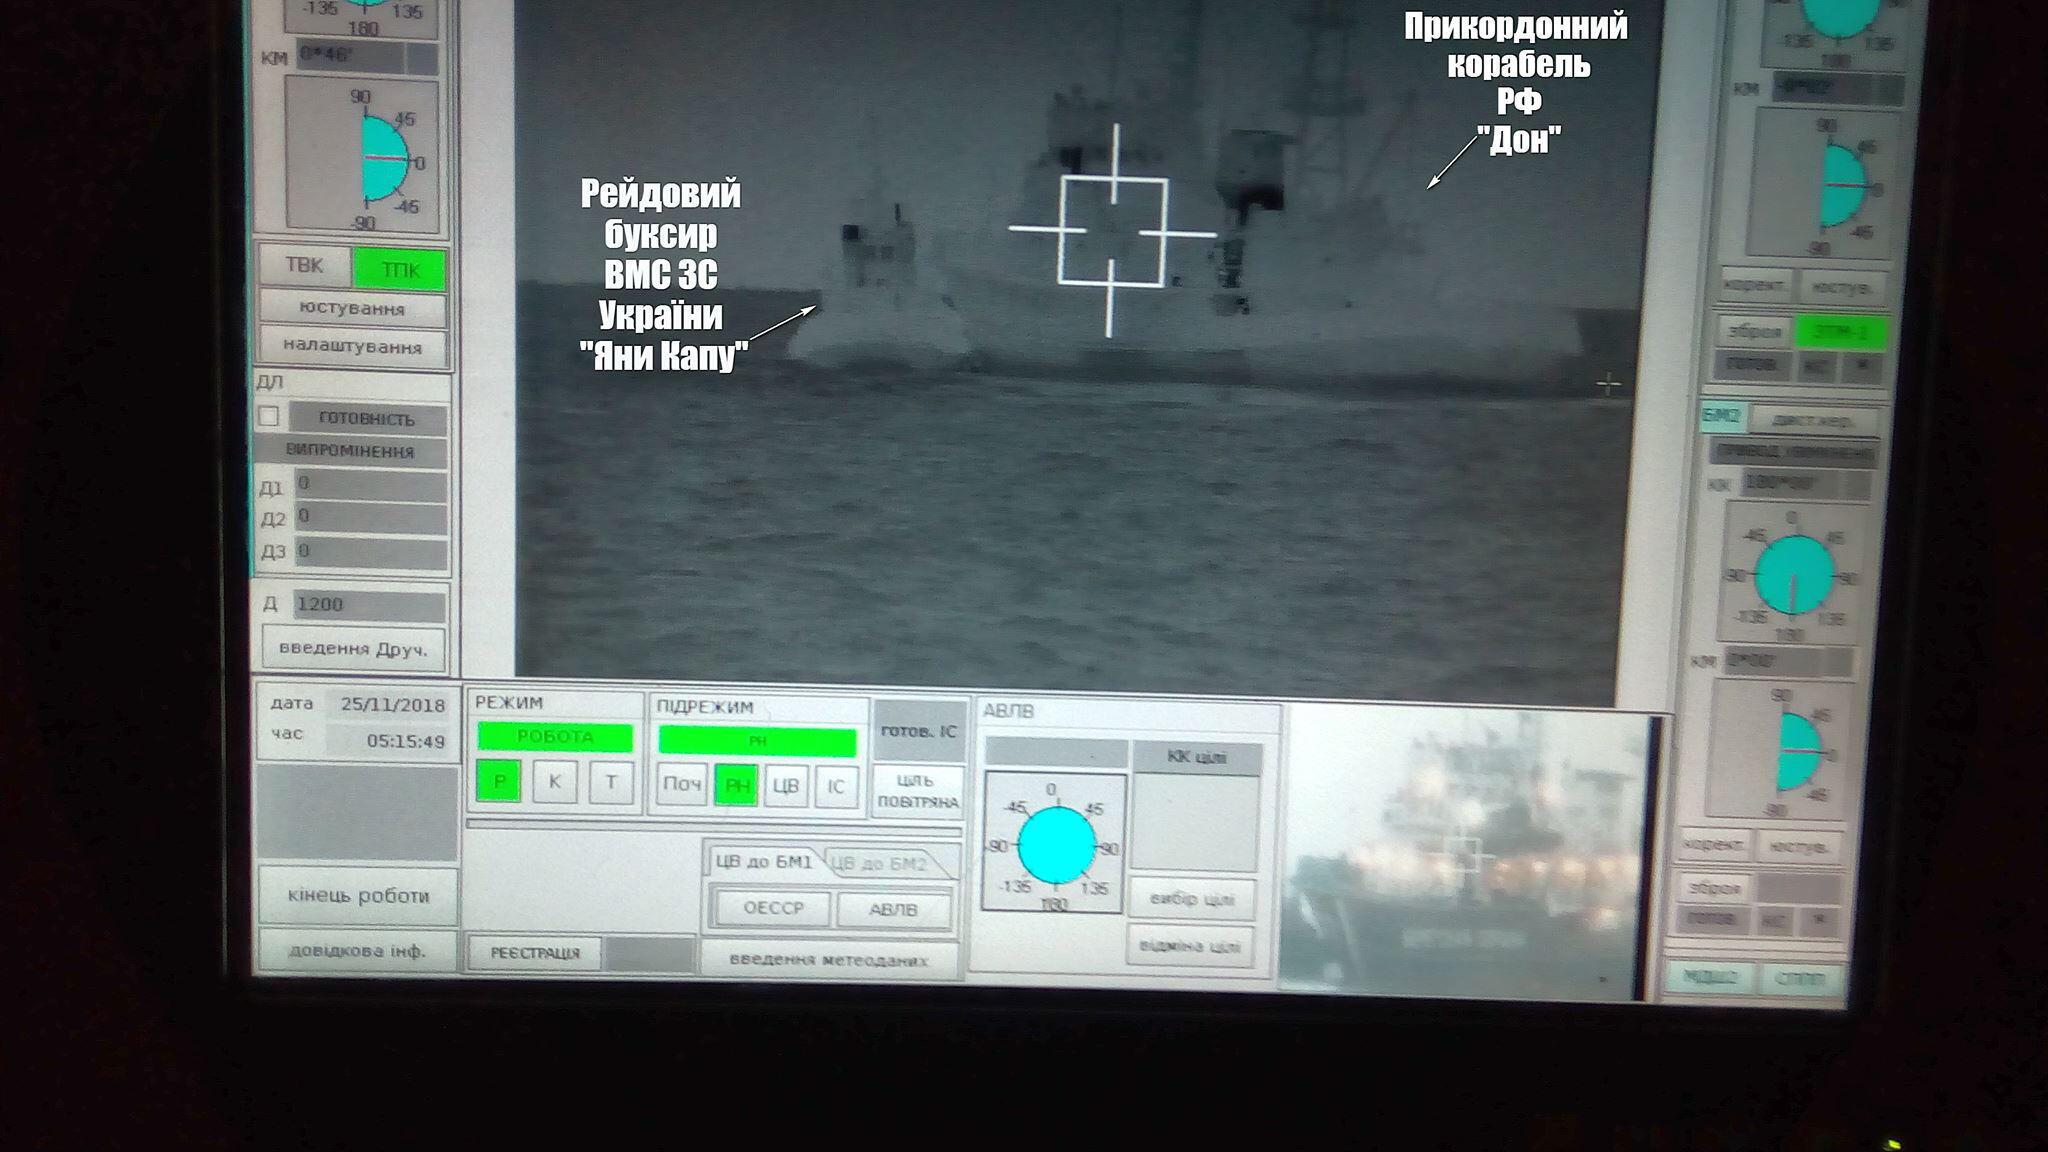 Màn hình cho thấy biên phòng Nga tìm cách chận một tàu hải quân Ukraina đi vào biển Azov, Hắc Hải (25/11/2018).